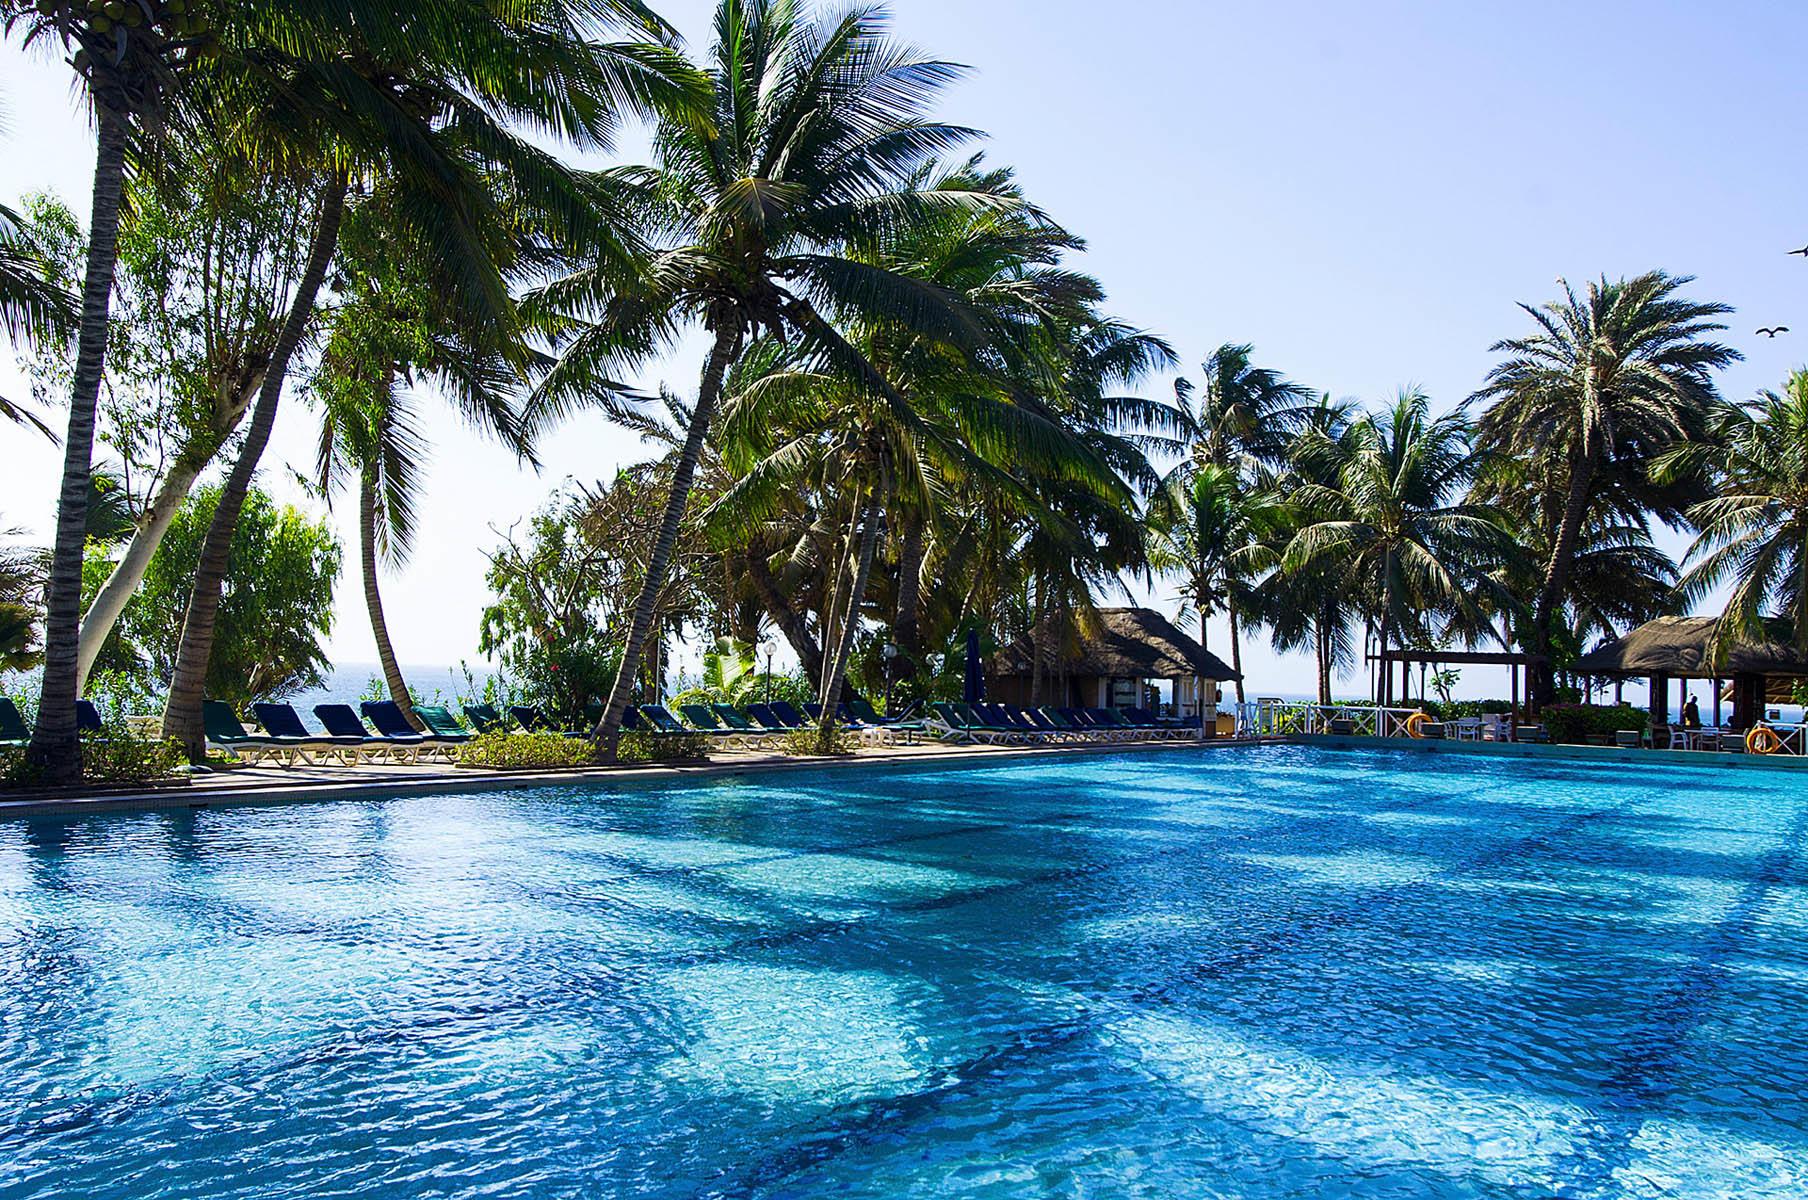 Hotel Jardin Savana Dakar | Luxury Beach Hotel In Dakar Senegal pour Hotel Jardin Savana Dakar